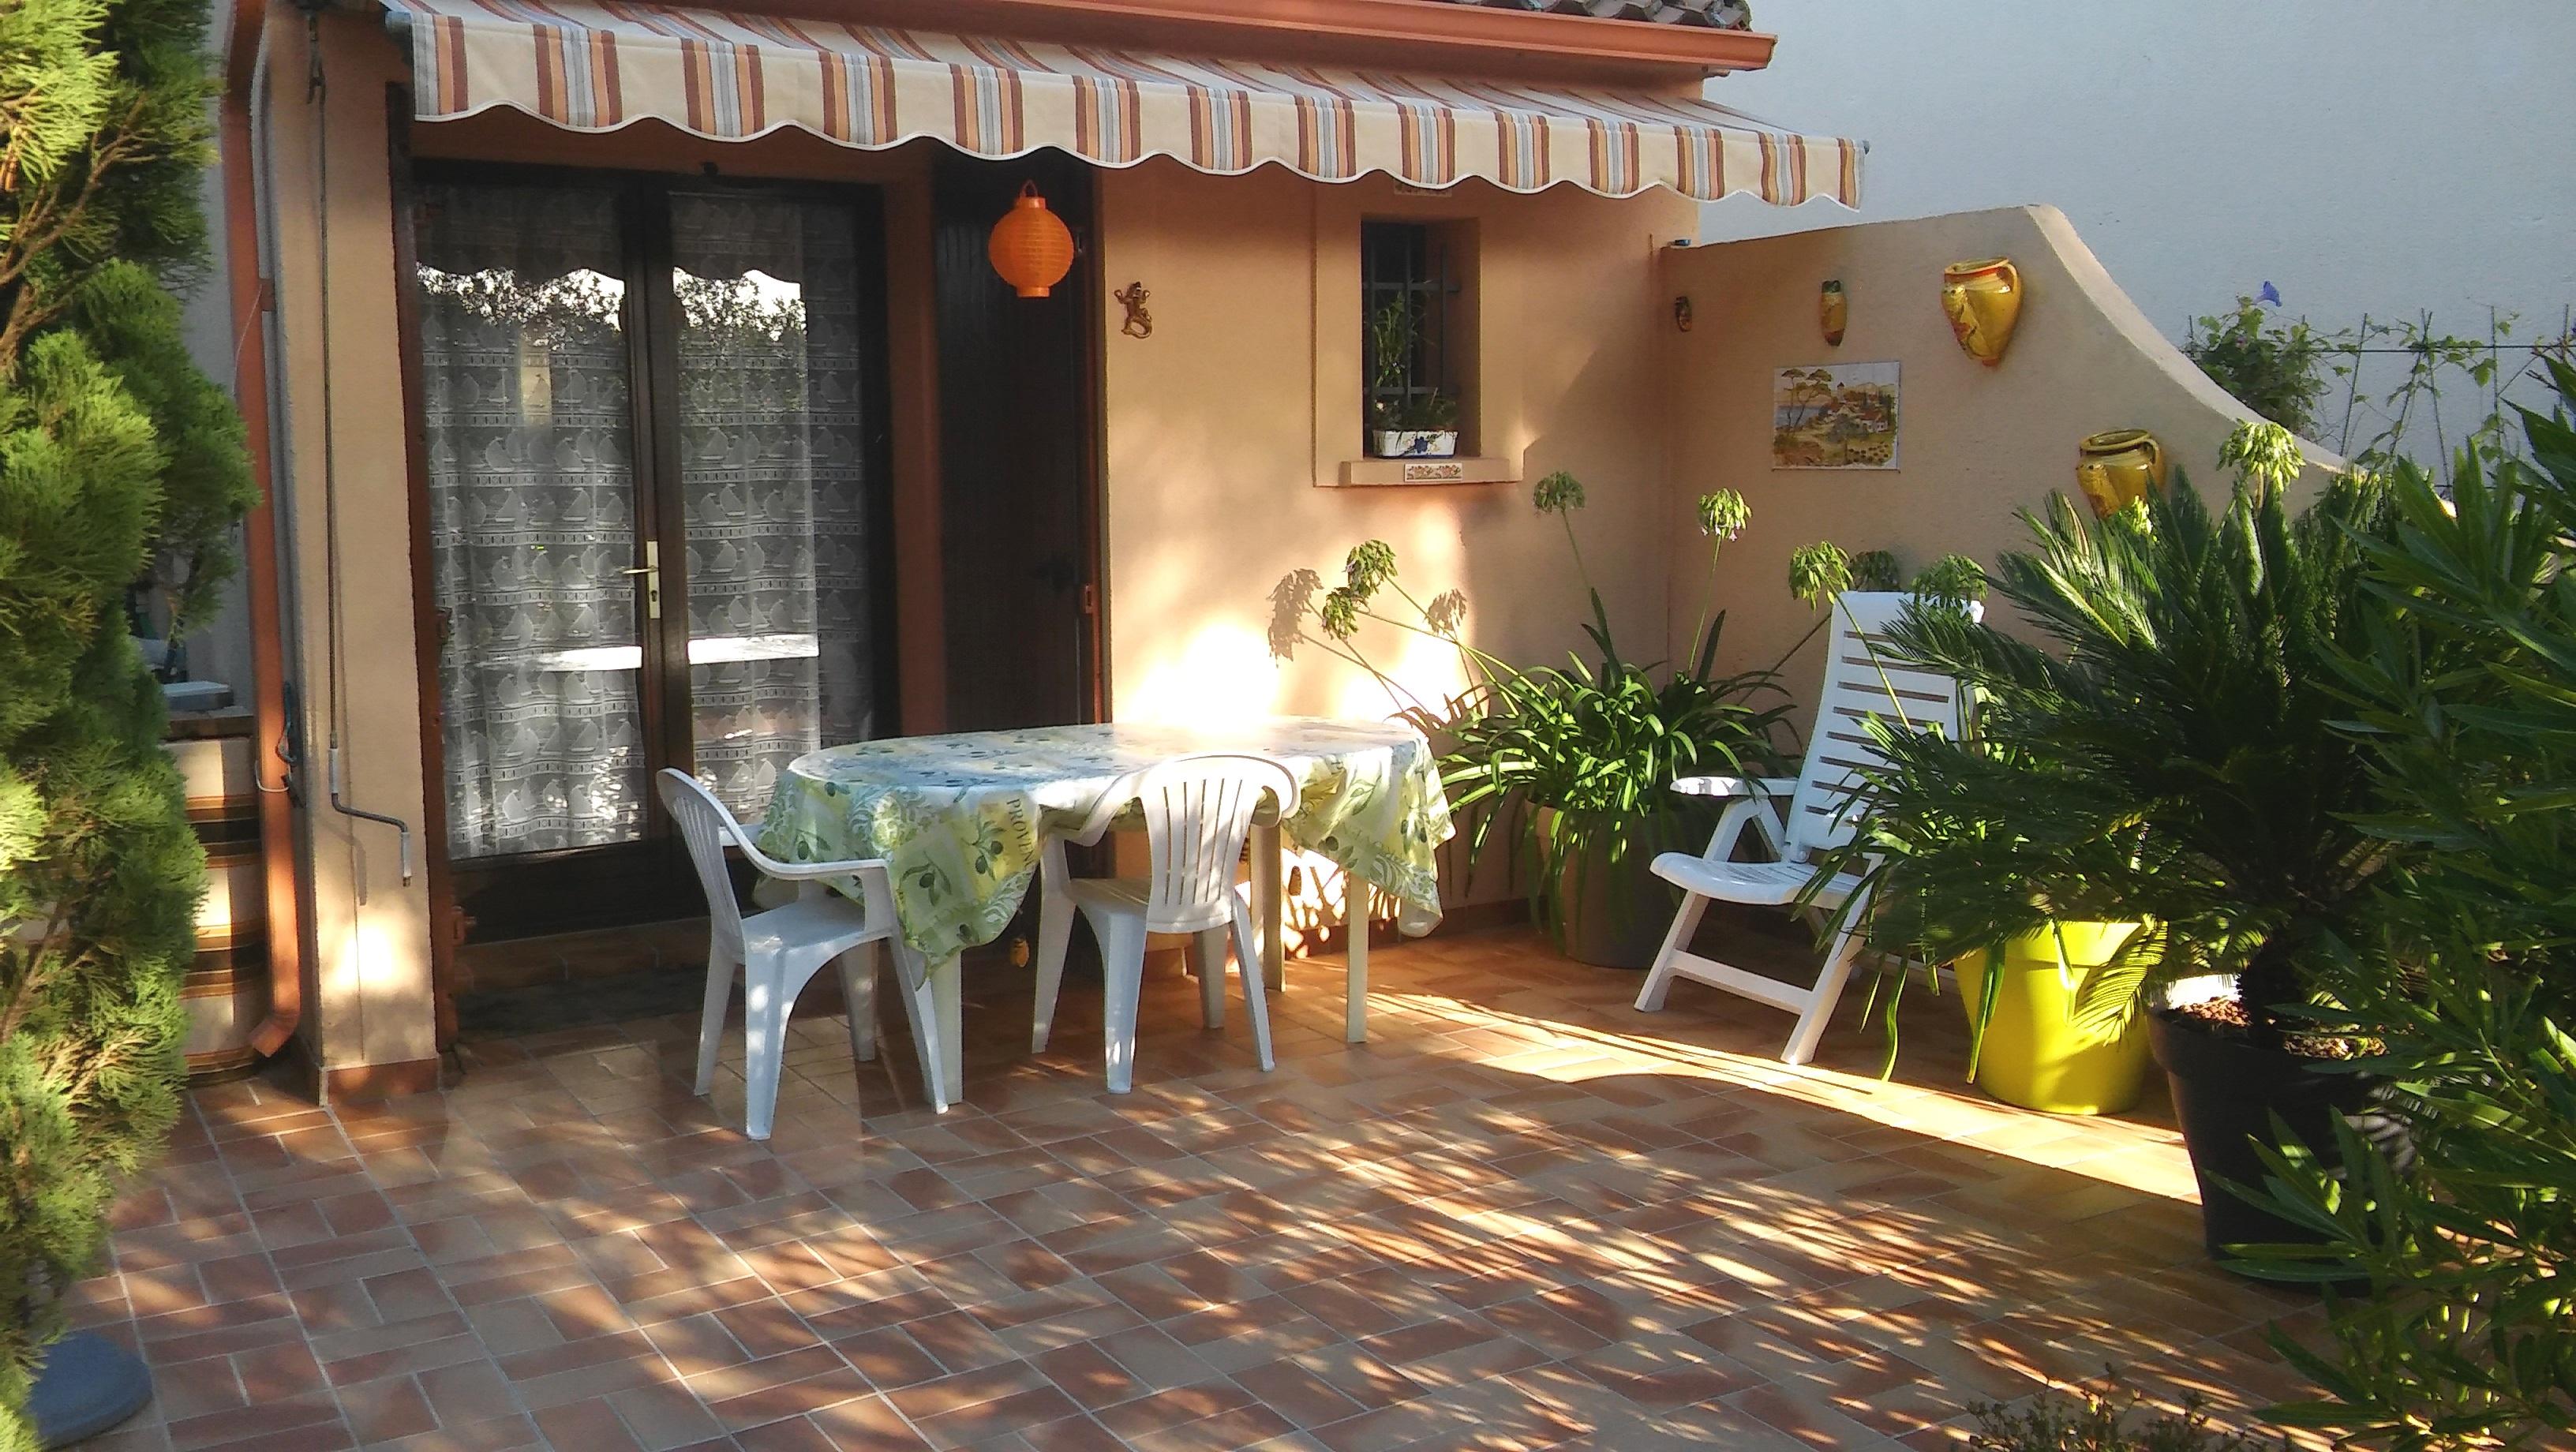 Saint cyprien maison t2 mezz agence du soleil location immobili re saint cyprien - Agence du port saint cyprien ...